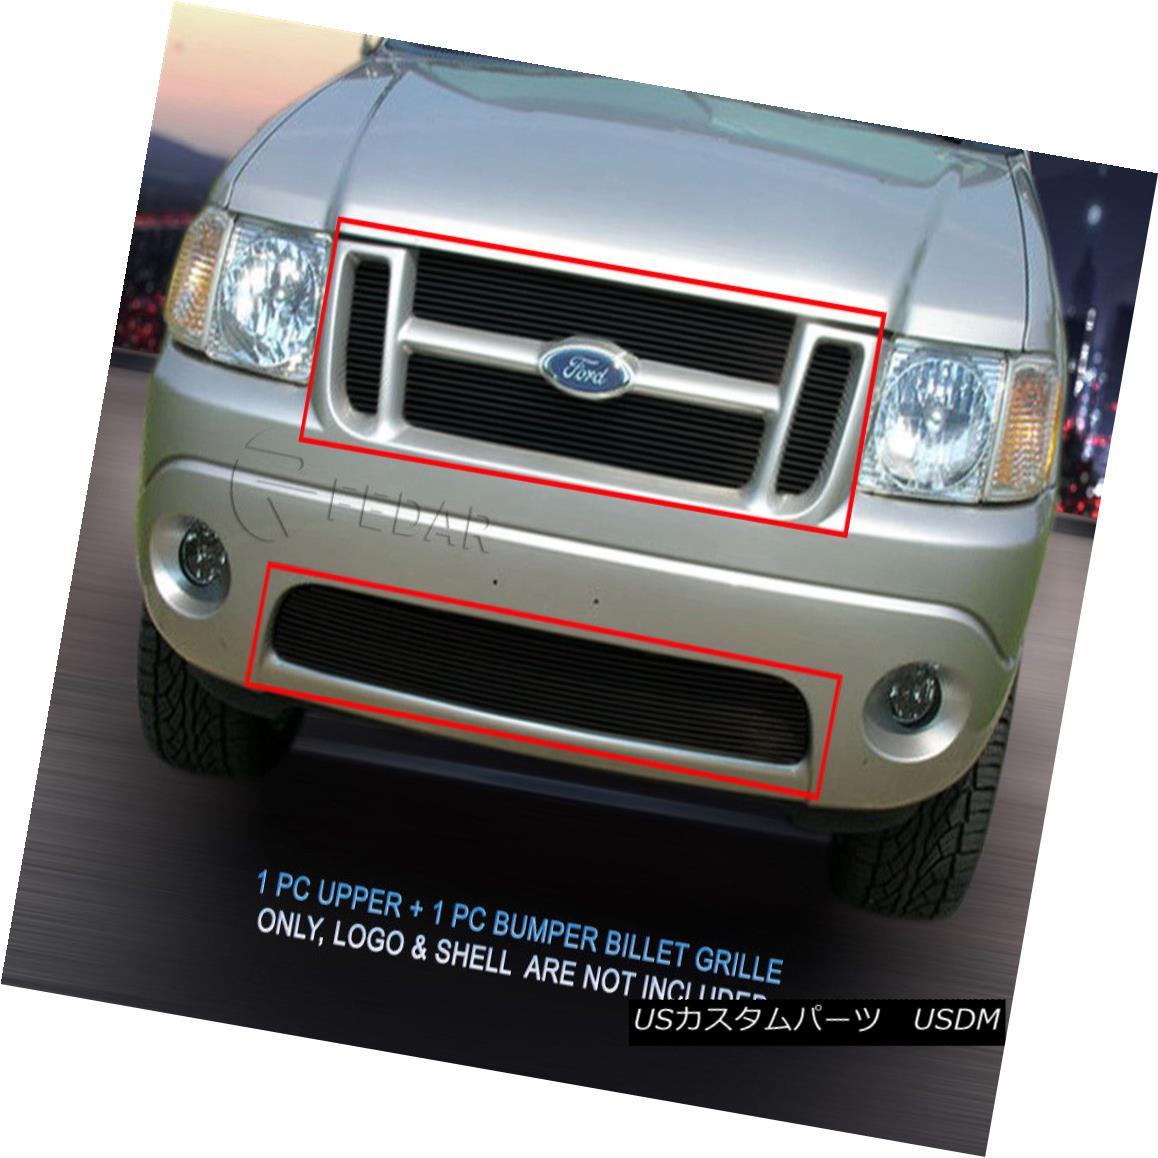 グリル 01-05 Ford Explorer Sport Trac Black Billet Grille Grill COMBO Insert Fedar 01-05 Ford Explorer Sport TracブラックビレットグリルグリルCOMBO Insert Fedar